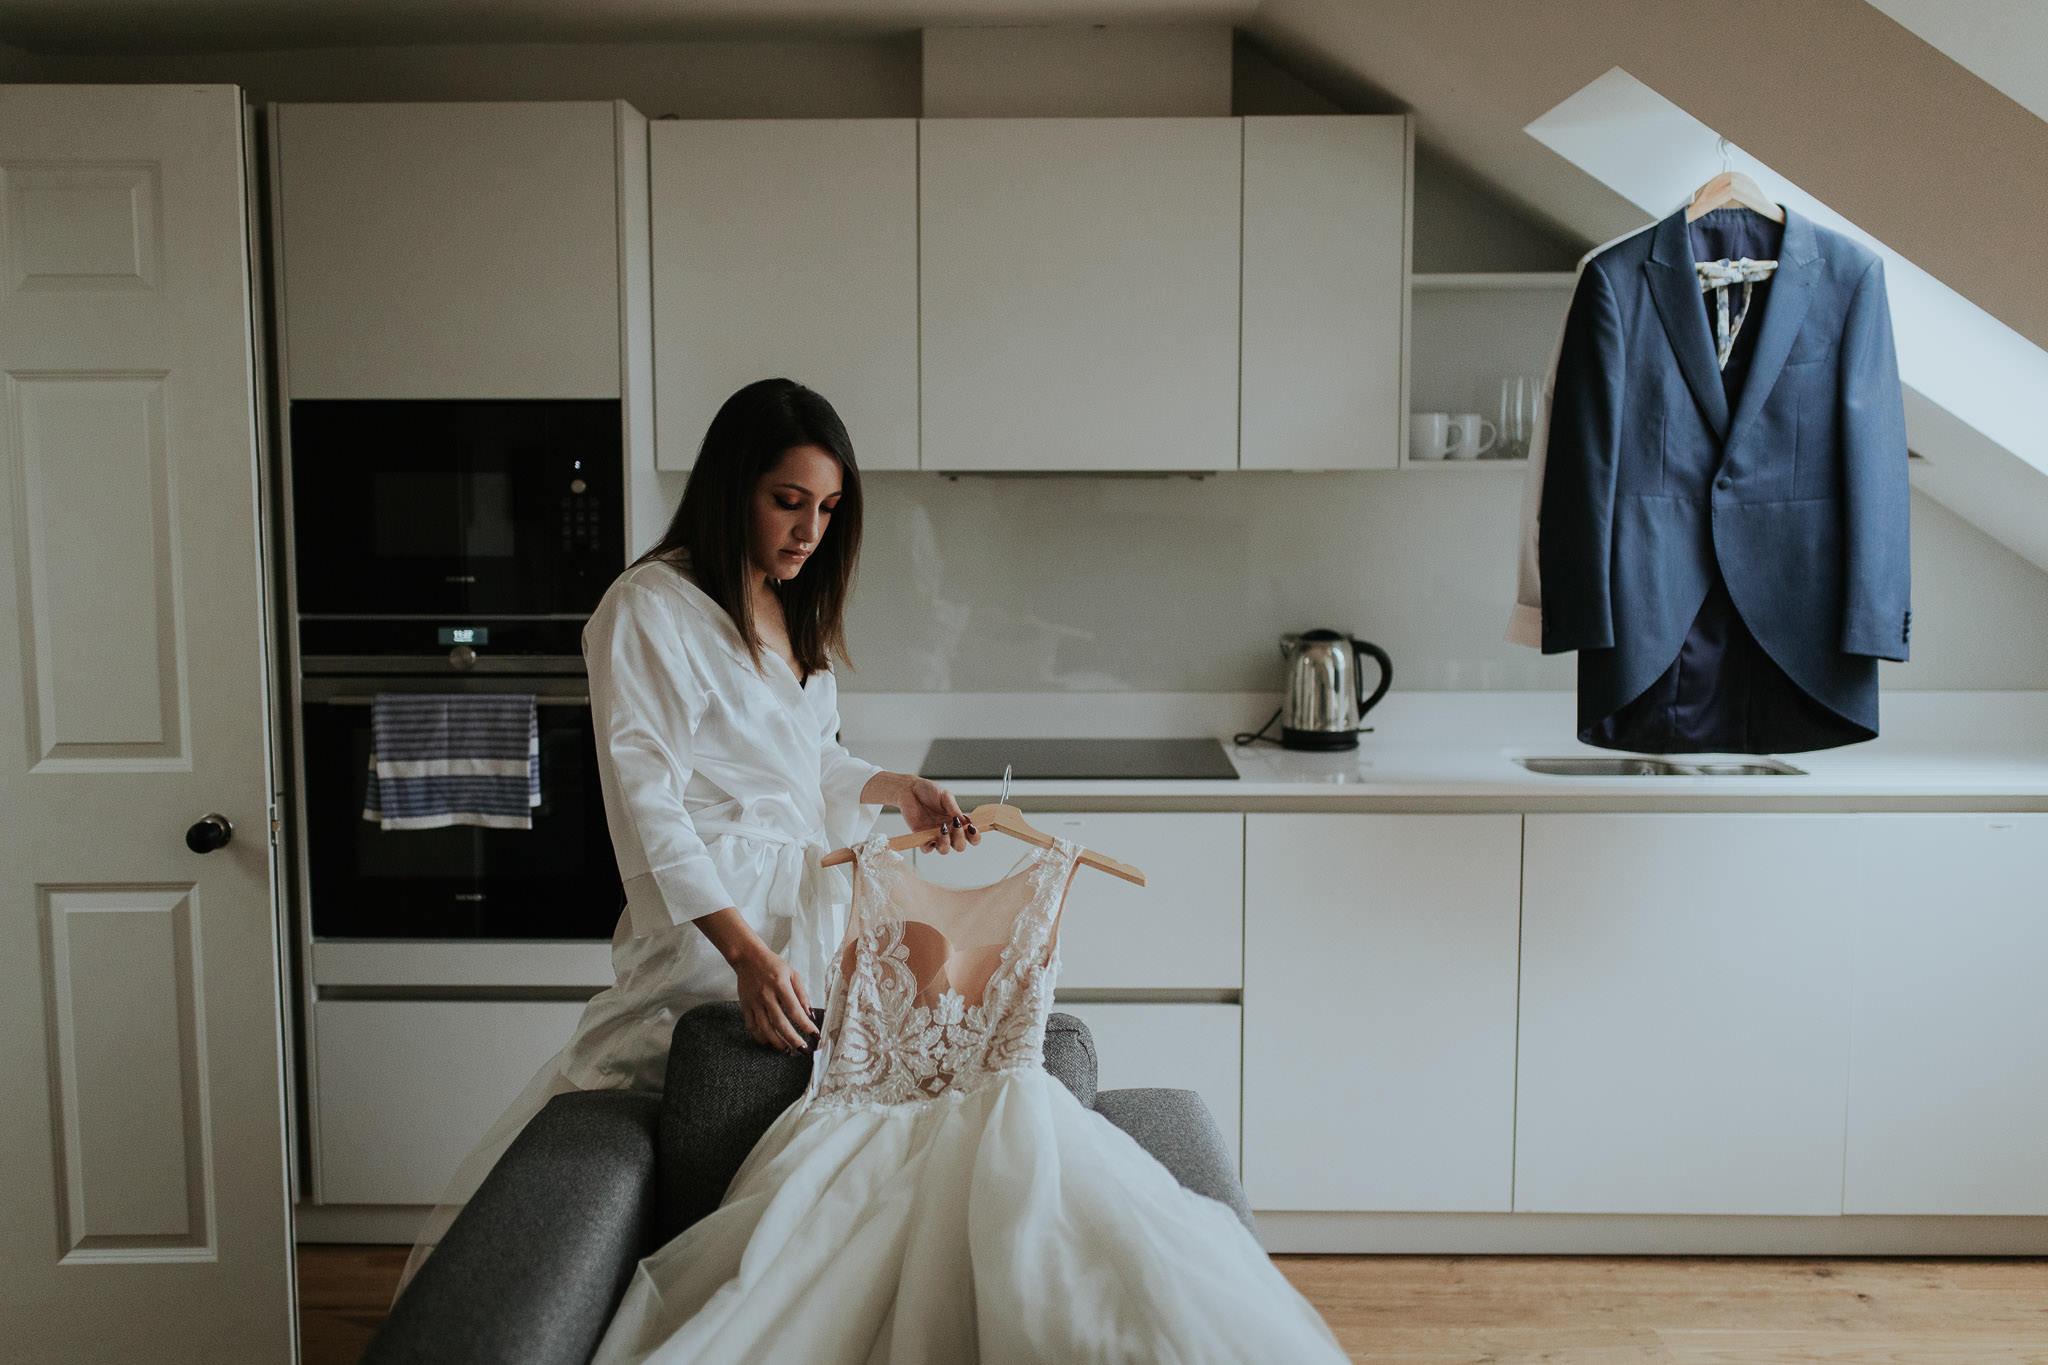 fotografos de boda asturias